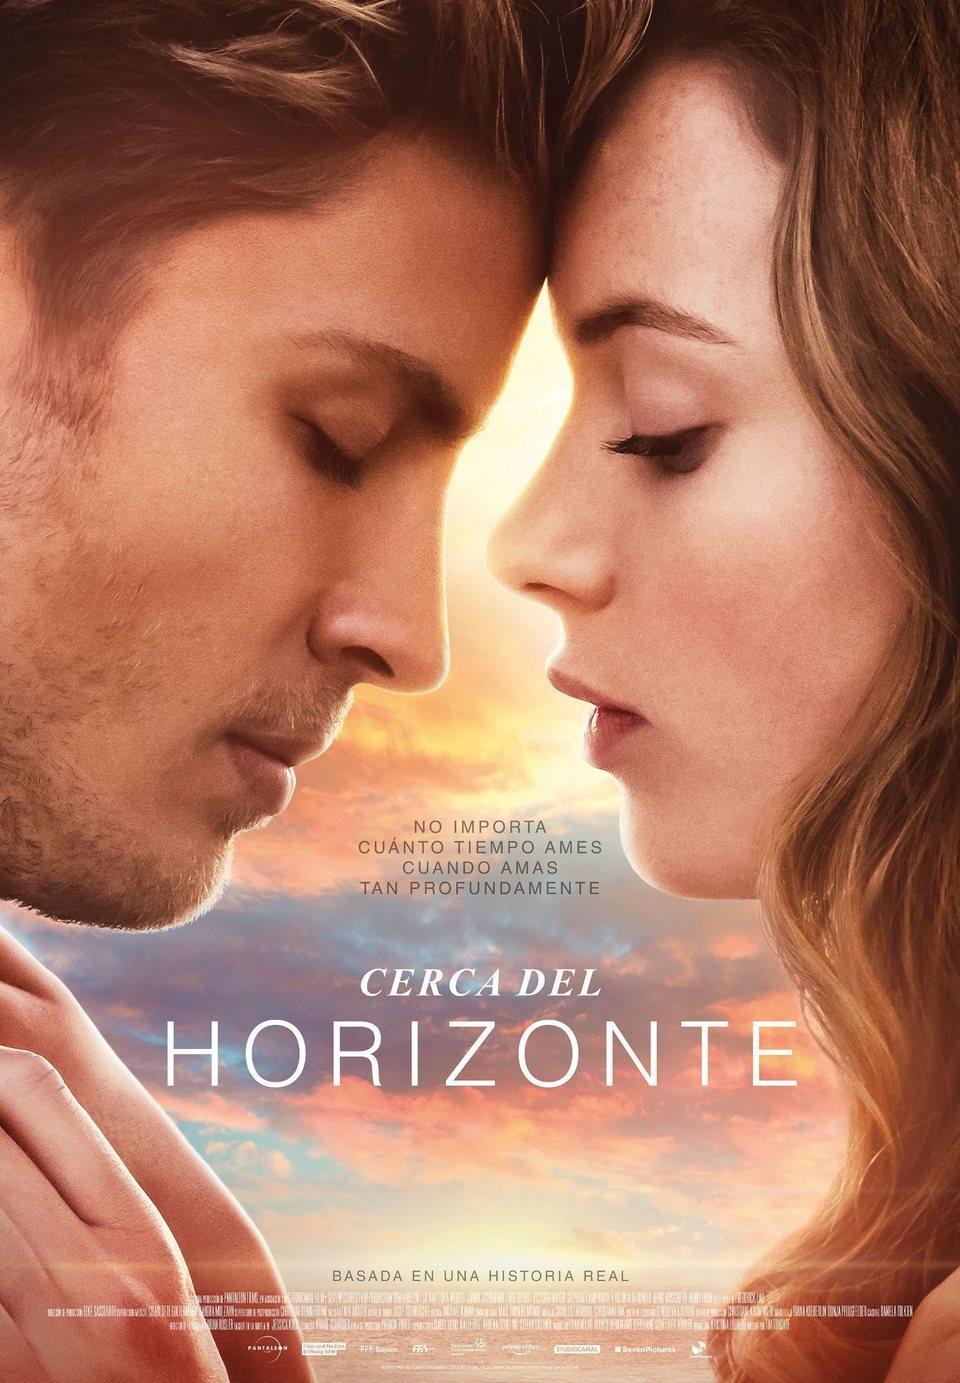 Cartel España de 'Cerca del horizonte'